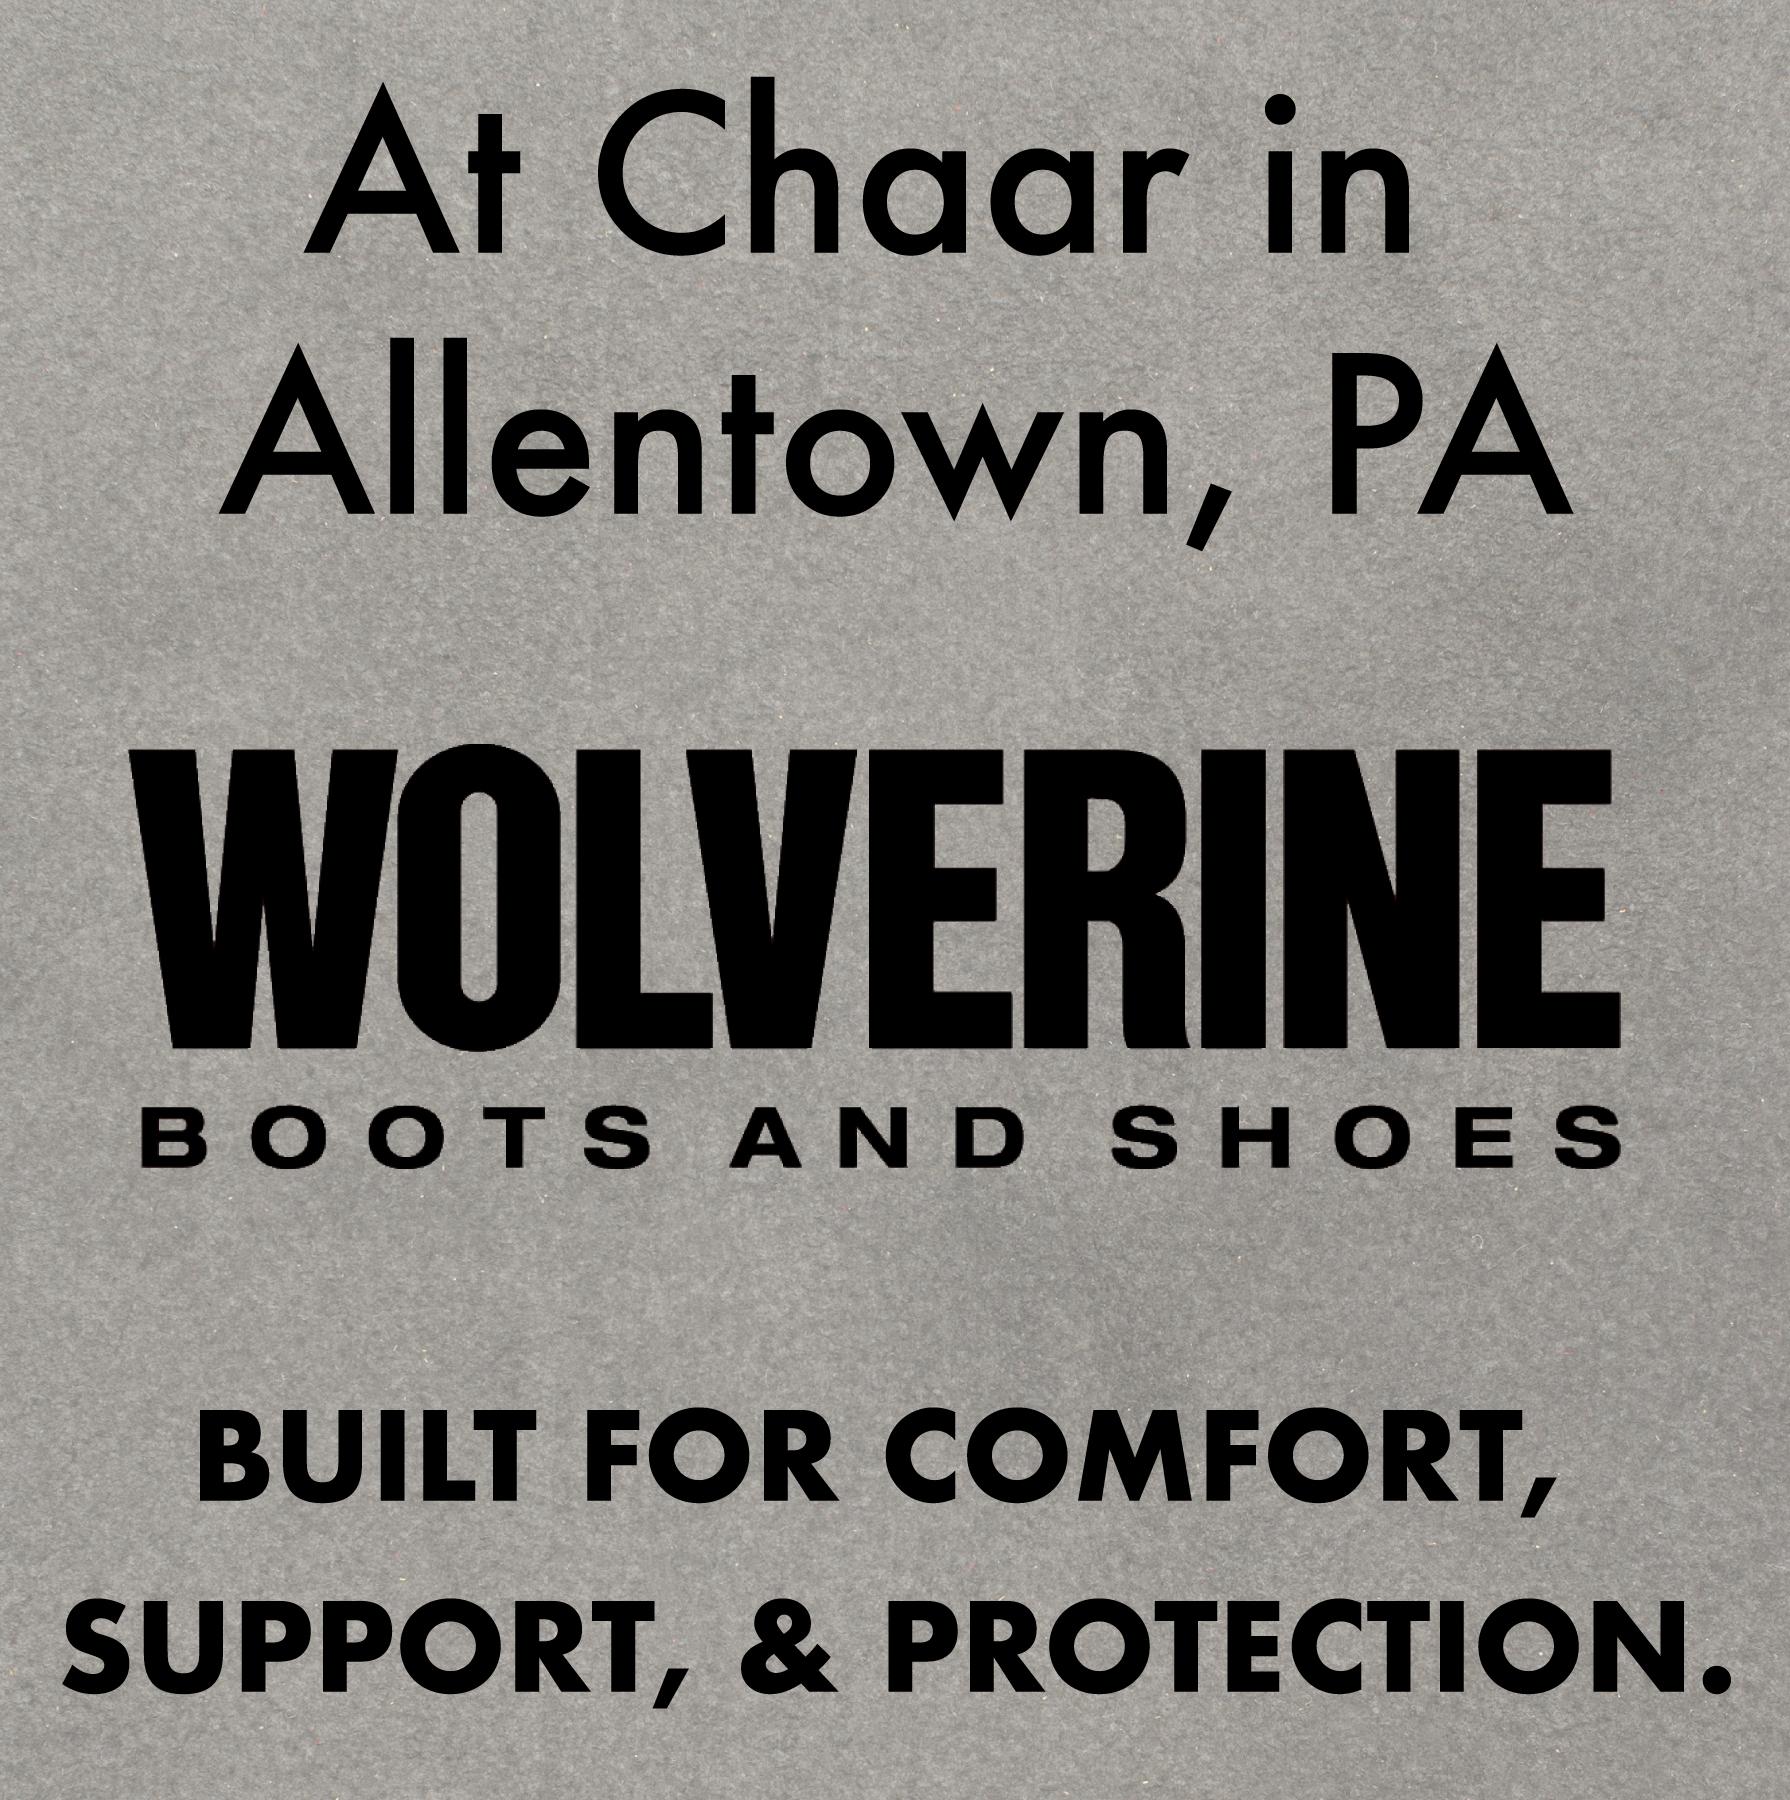 wolverine-boots-.jpg